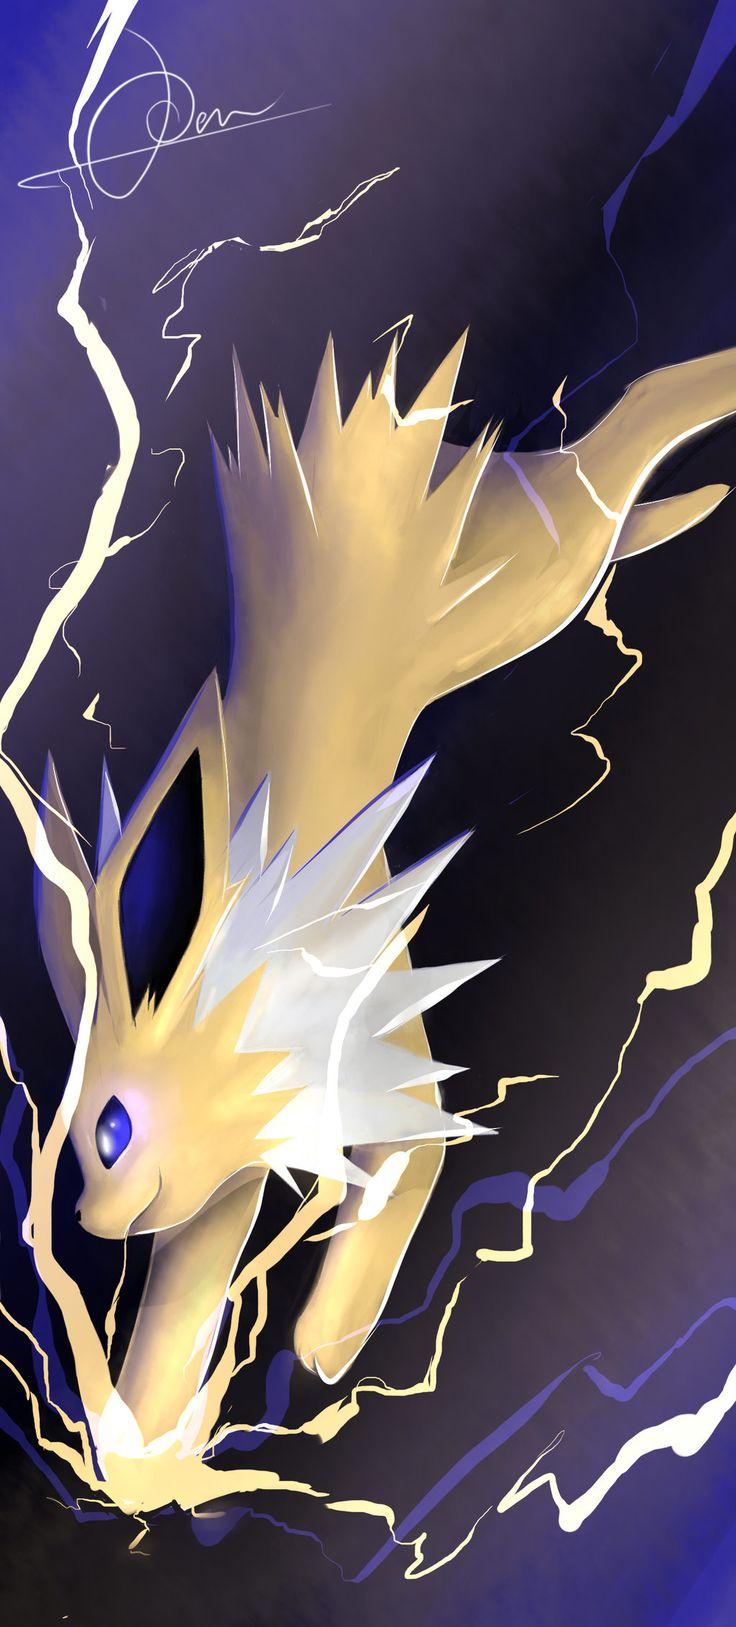 Shock them all! The lightning has arrived! by VulcanusKnight.deviantart.com on @deviantART (Jolteon)